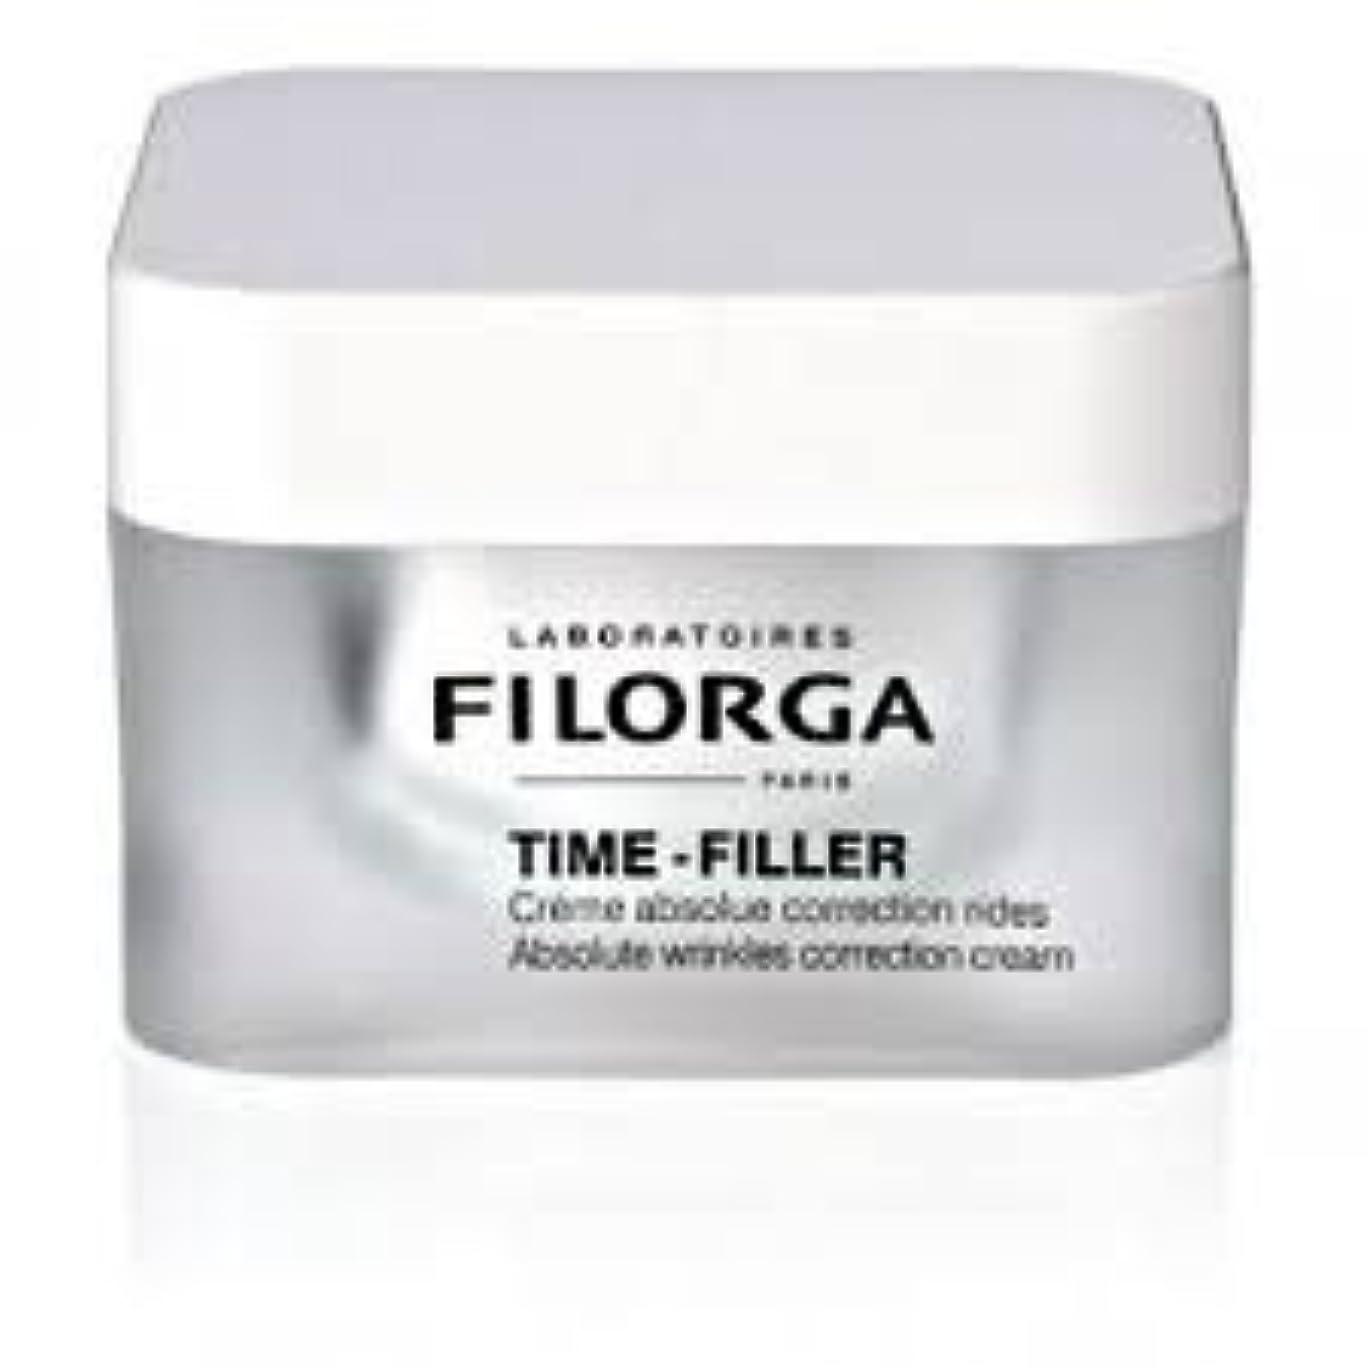 事前にドロー数学フィロルガ[FILORGA]タイム フィラー 50ML TIME FILLER 50ML [海外直送品] [並行輸入品]